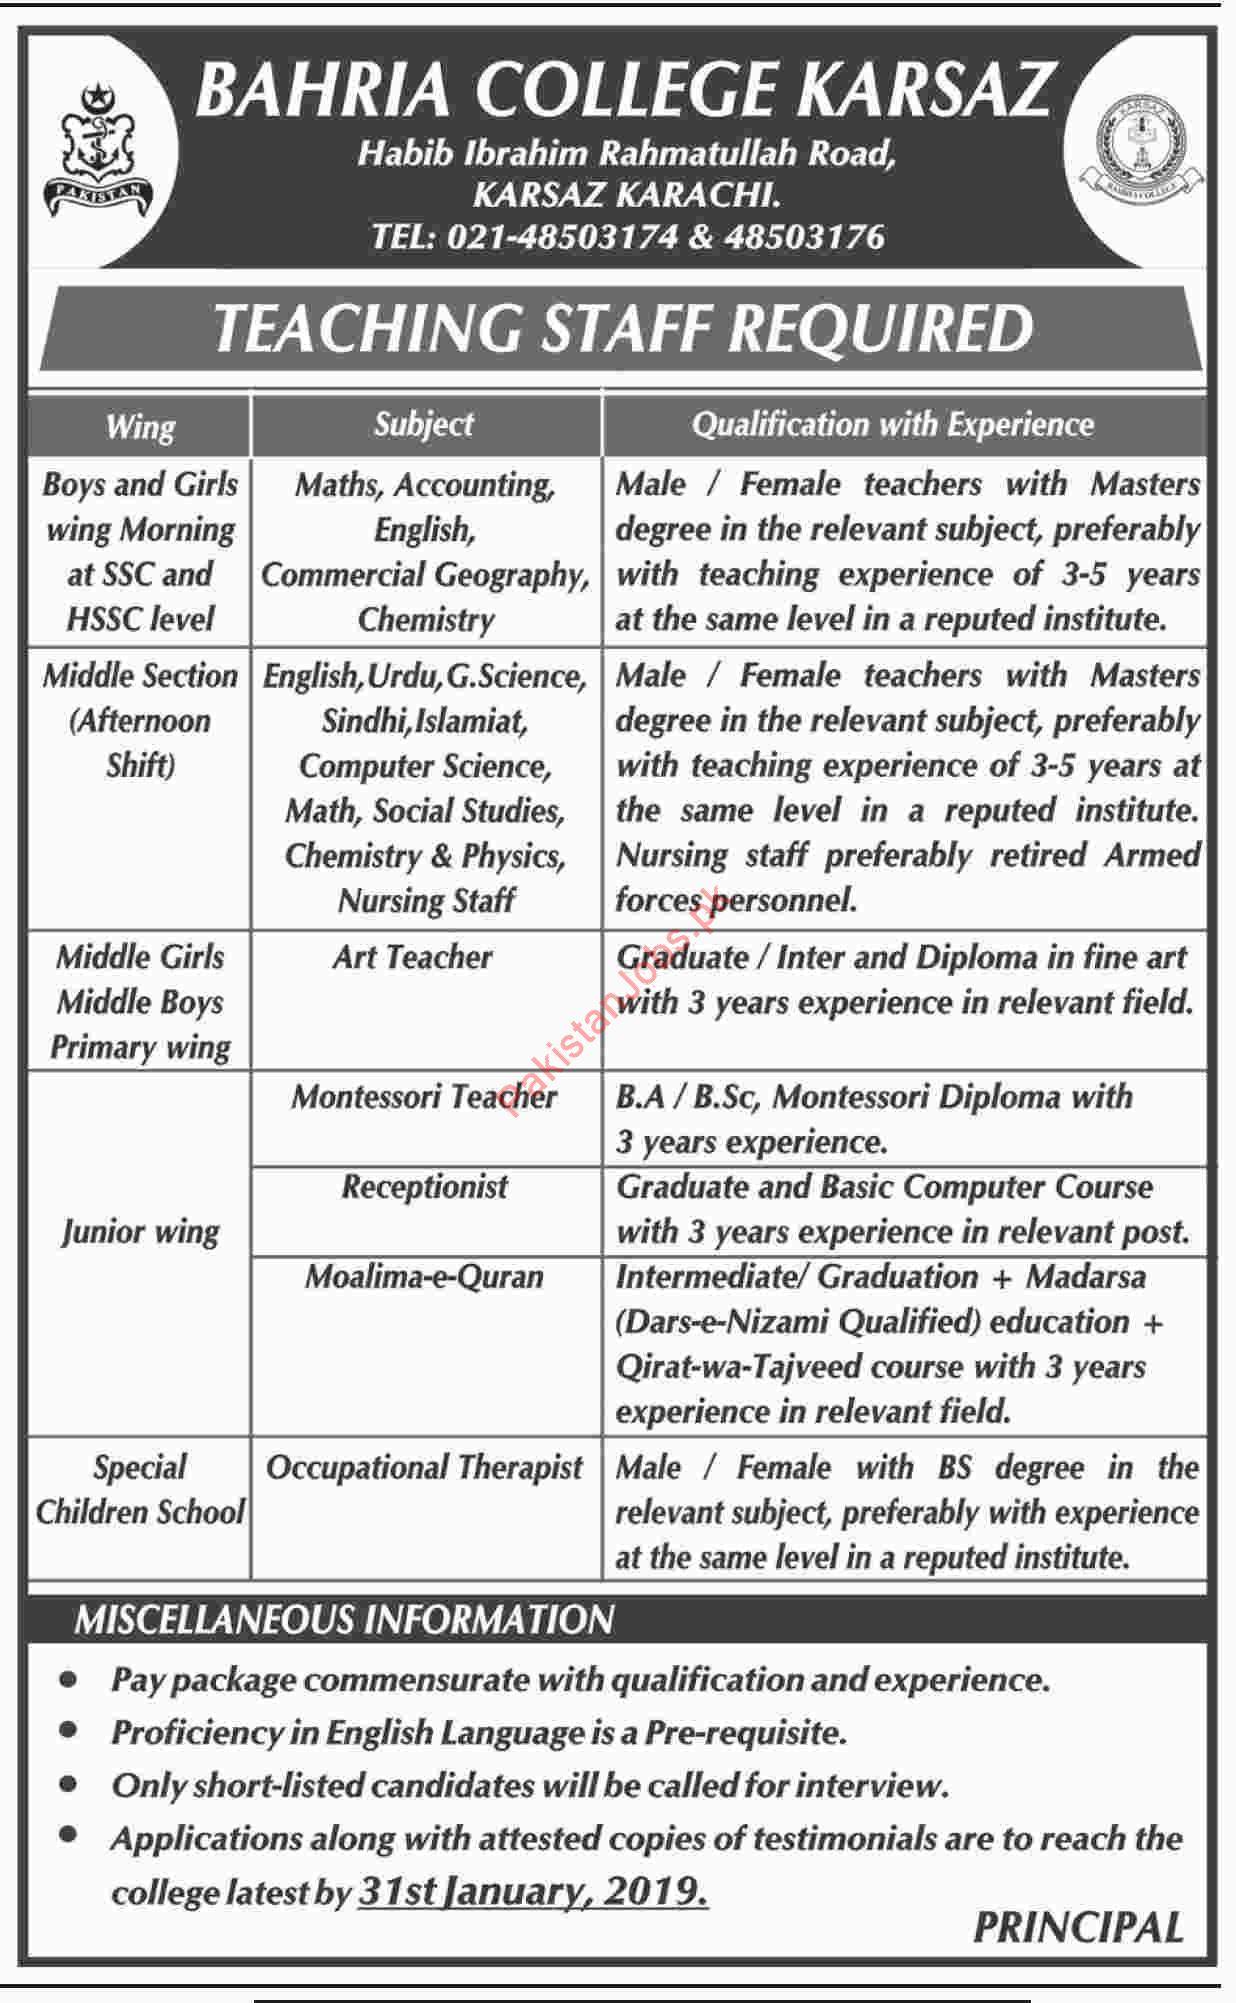 Bahria College Karsaz Math Teacher Jobs 2019 Bahria College